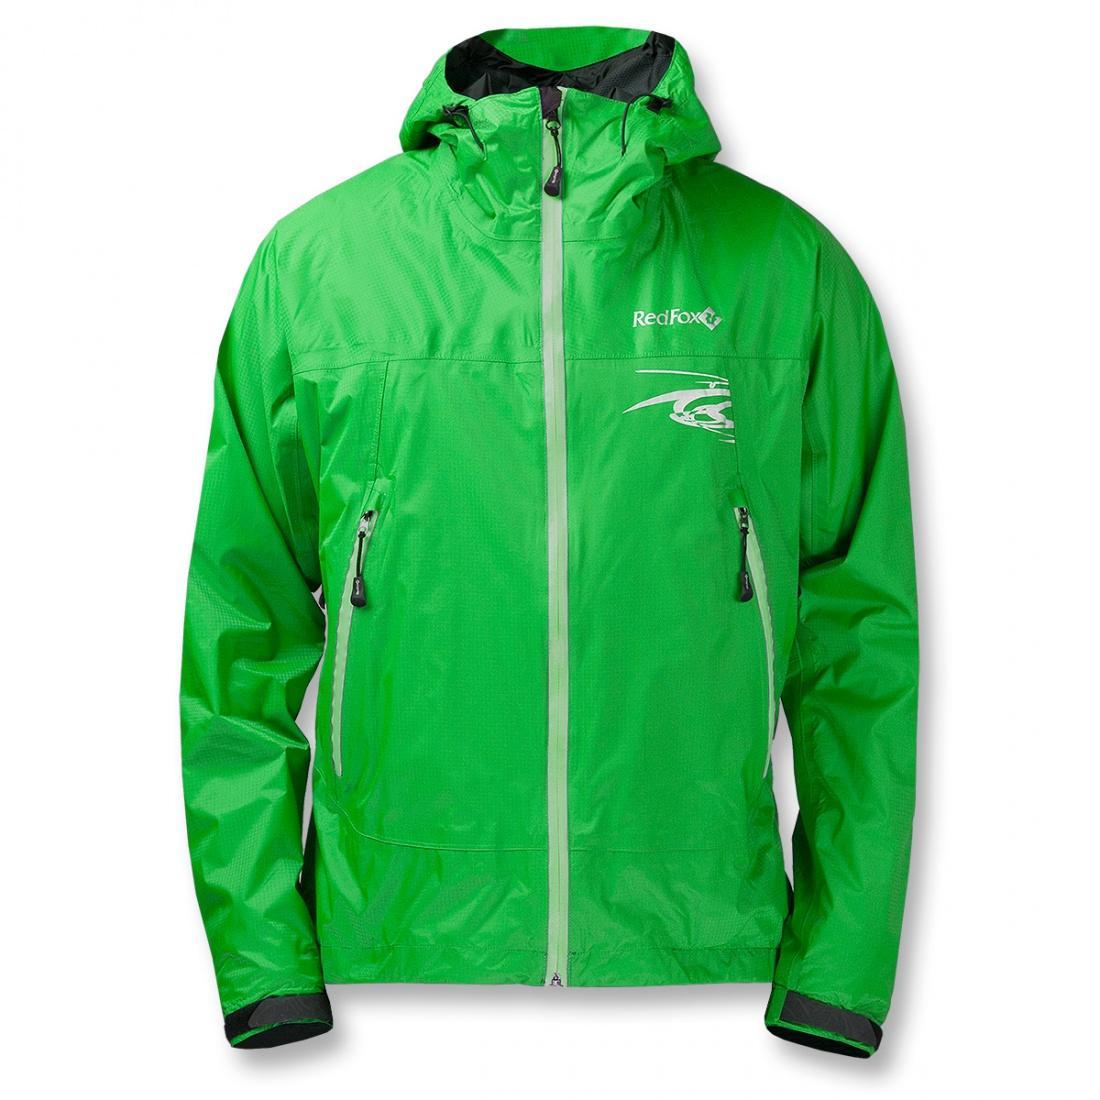 Куртка ветрозащитная Trek IIКуртки<br><br> Легкая влаго-ветрозащитная куртка для использования в ветреную или дождливую погоду, подойдет как для профессионалов, так и для любителей. Благодаря анатомическому крою и продуманным деталям, куртка обеспечивает необходимую свободу движения во врем...<br><br>Цвет: Зеленый<br>Размер: 54